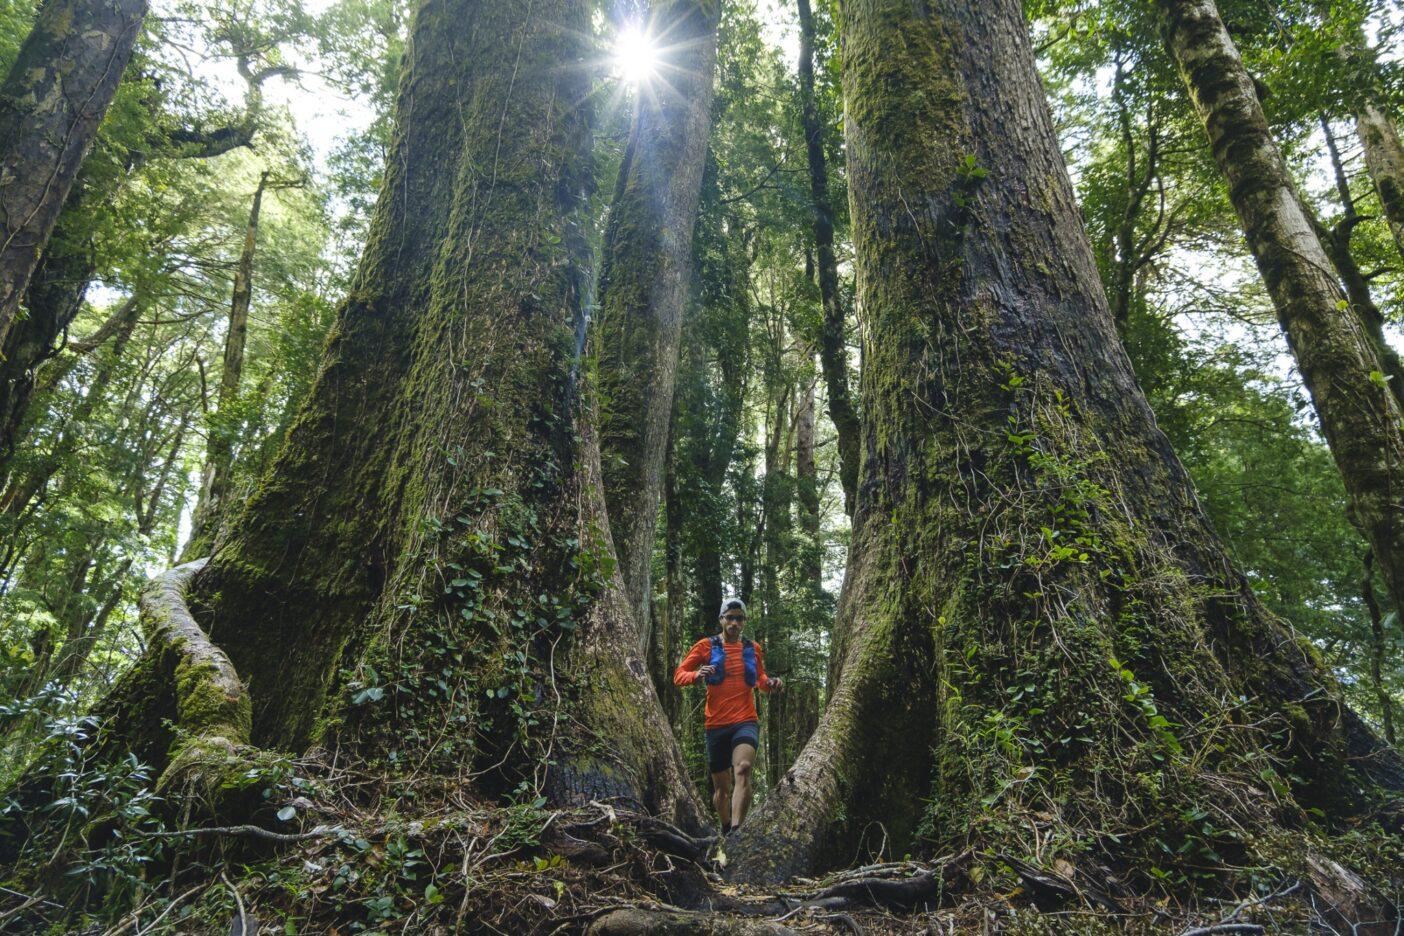 太古の木々の間を抜ける。Photo: Rodrigo Manns